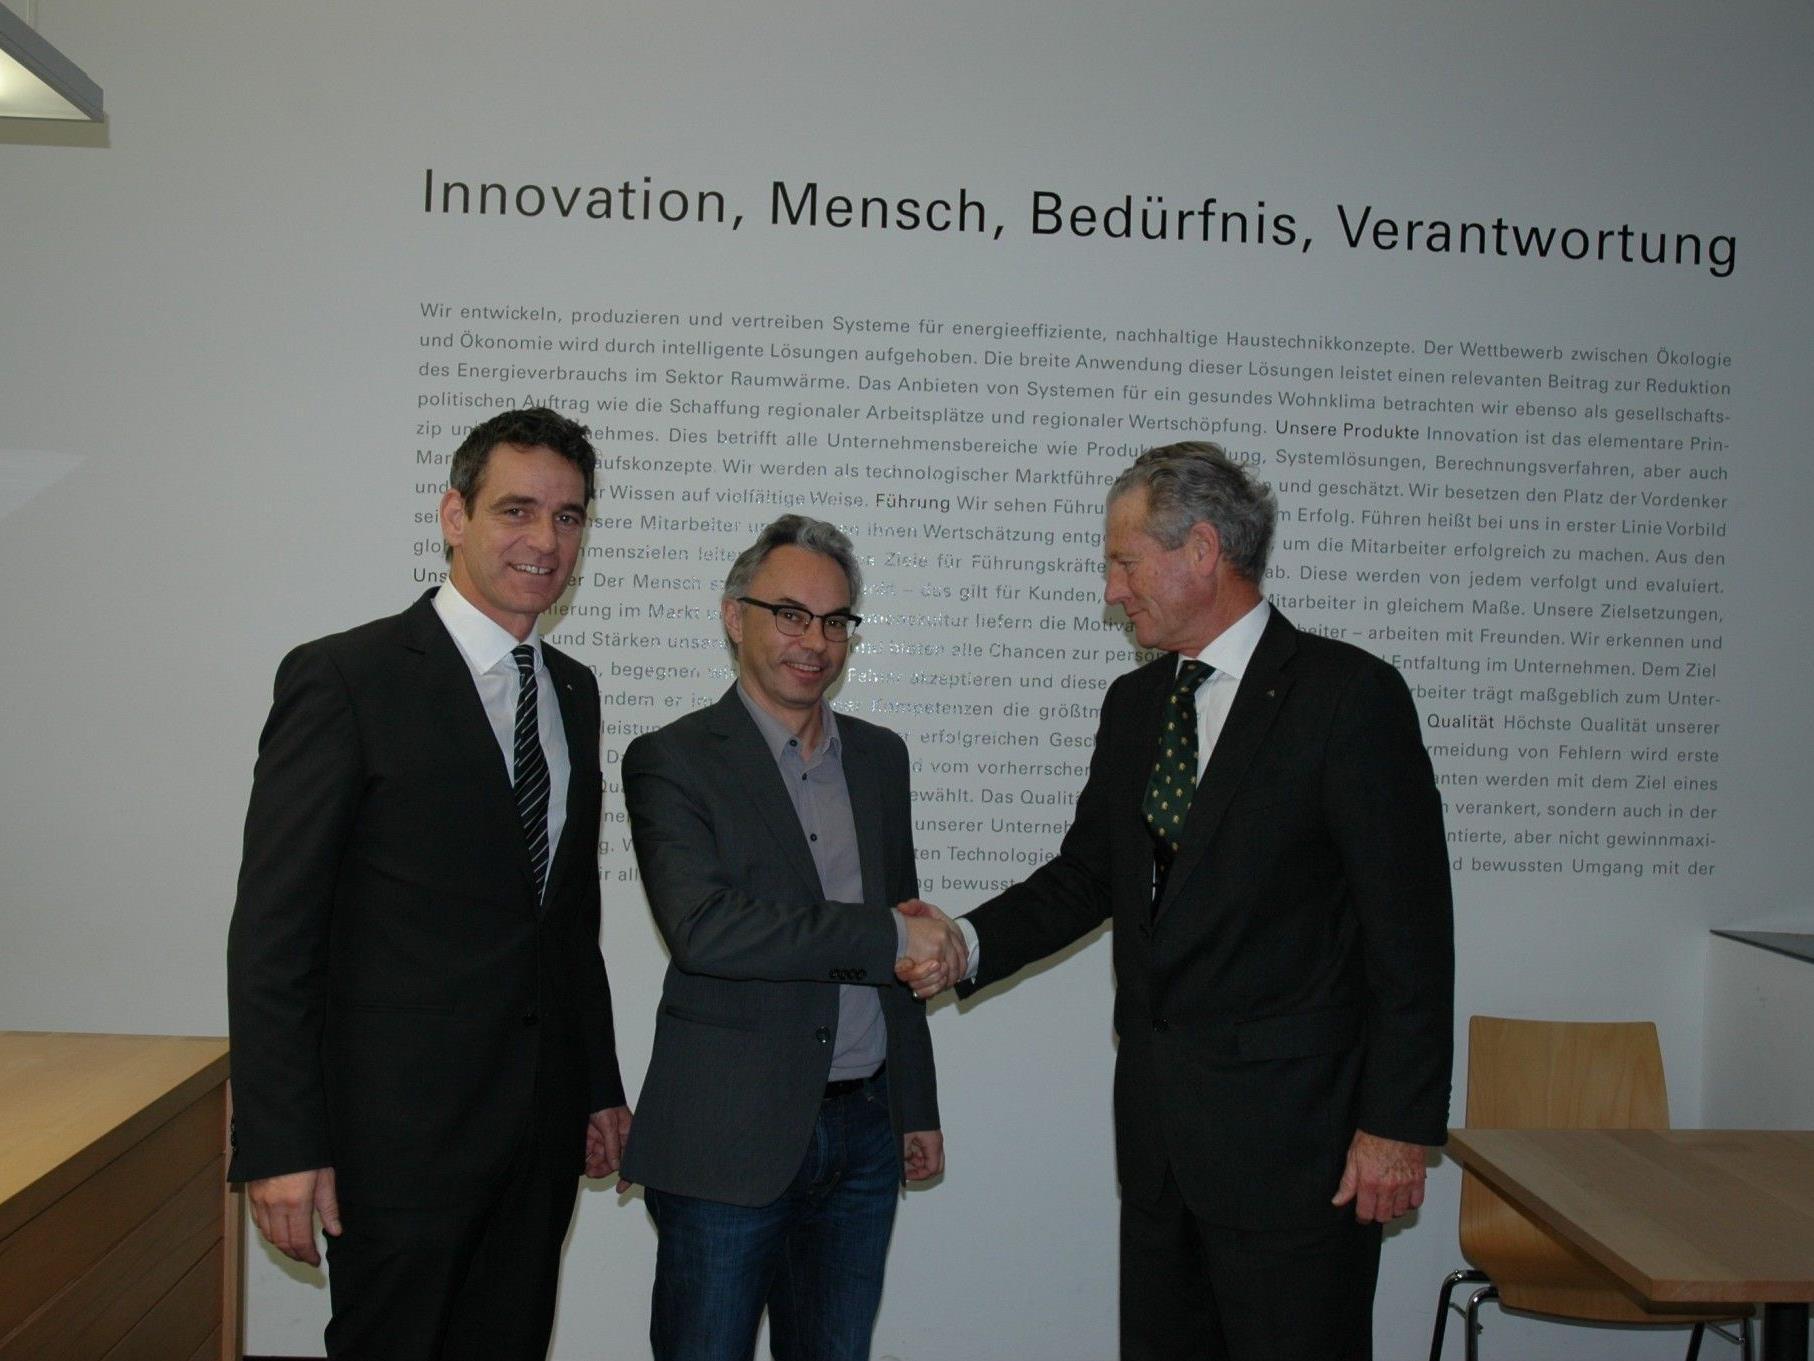 Jean Robert Grellet (Geschäftsleitung Walter Bösch GmbH & Co KG) und Christof Drexel (Geschäftsleitung Drexel und Weiss) freuen sich, gemeinsam mit Peter Böhler (Geschäftsbereichsleiter bösch lüftung), über das gelungene Kooperationsabkommen.